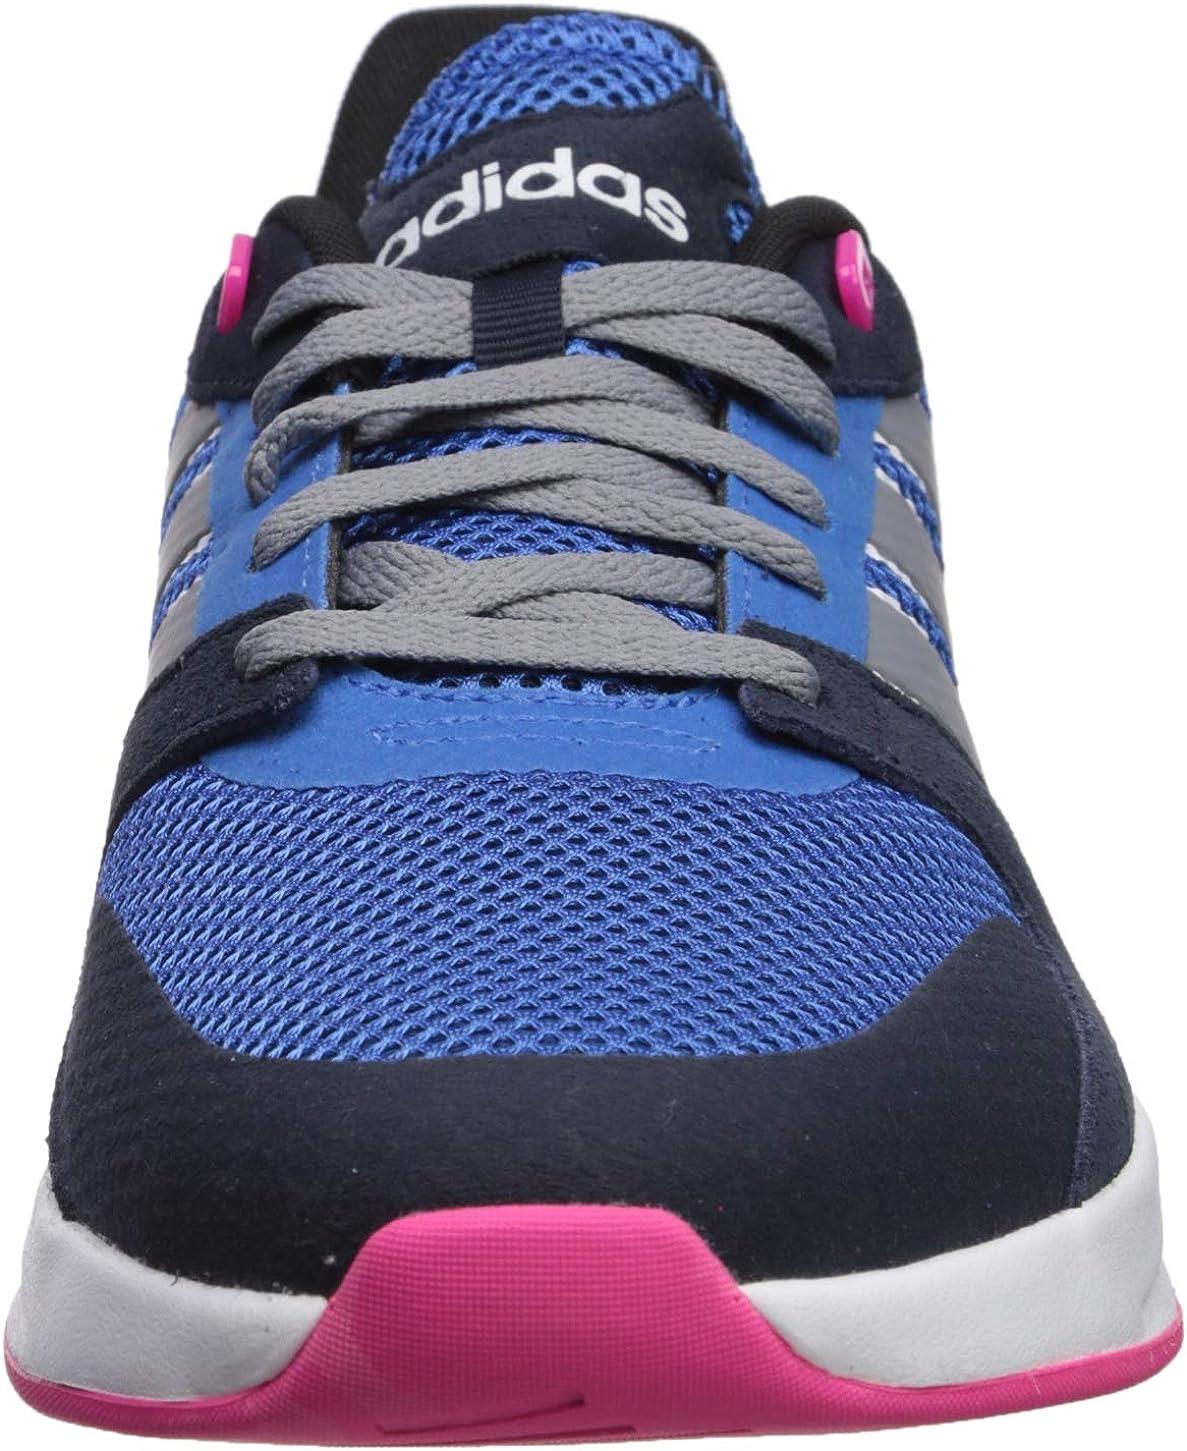 Adidas Run 90s Cloudfoam Chaussures de course pour femme True Blue Grey White